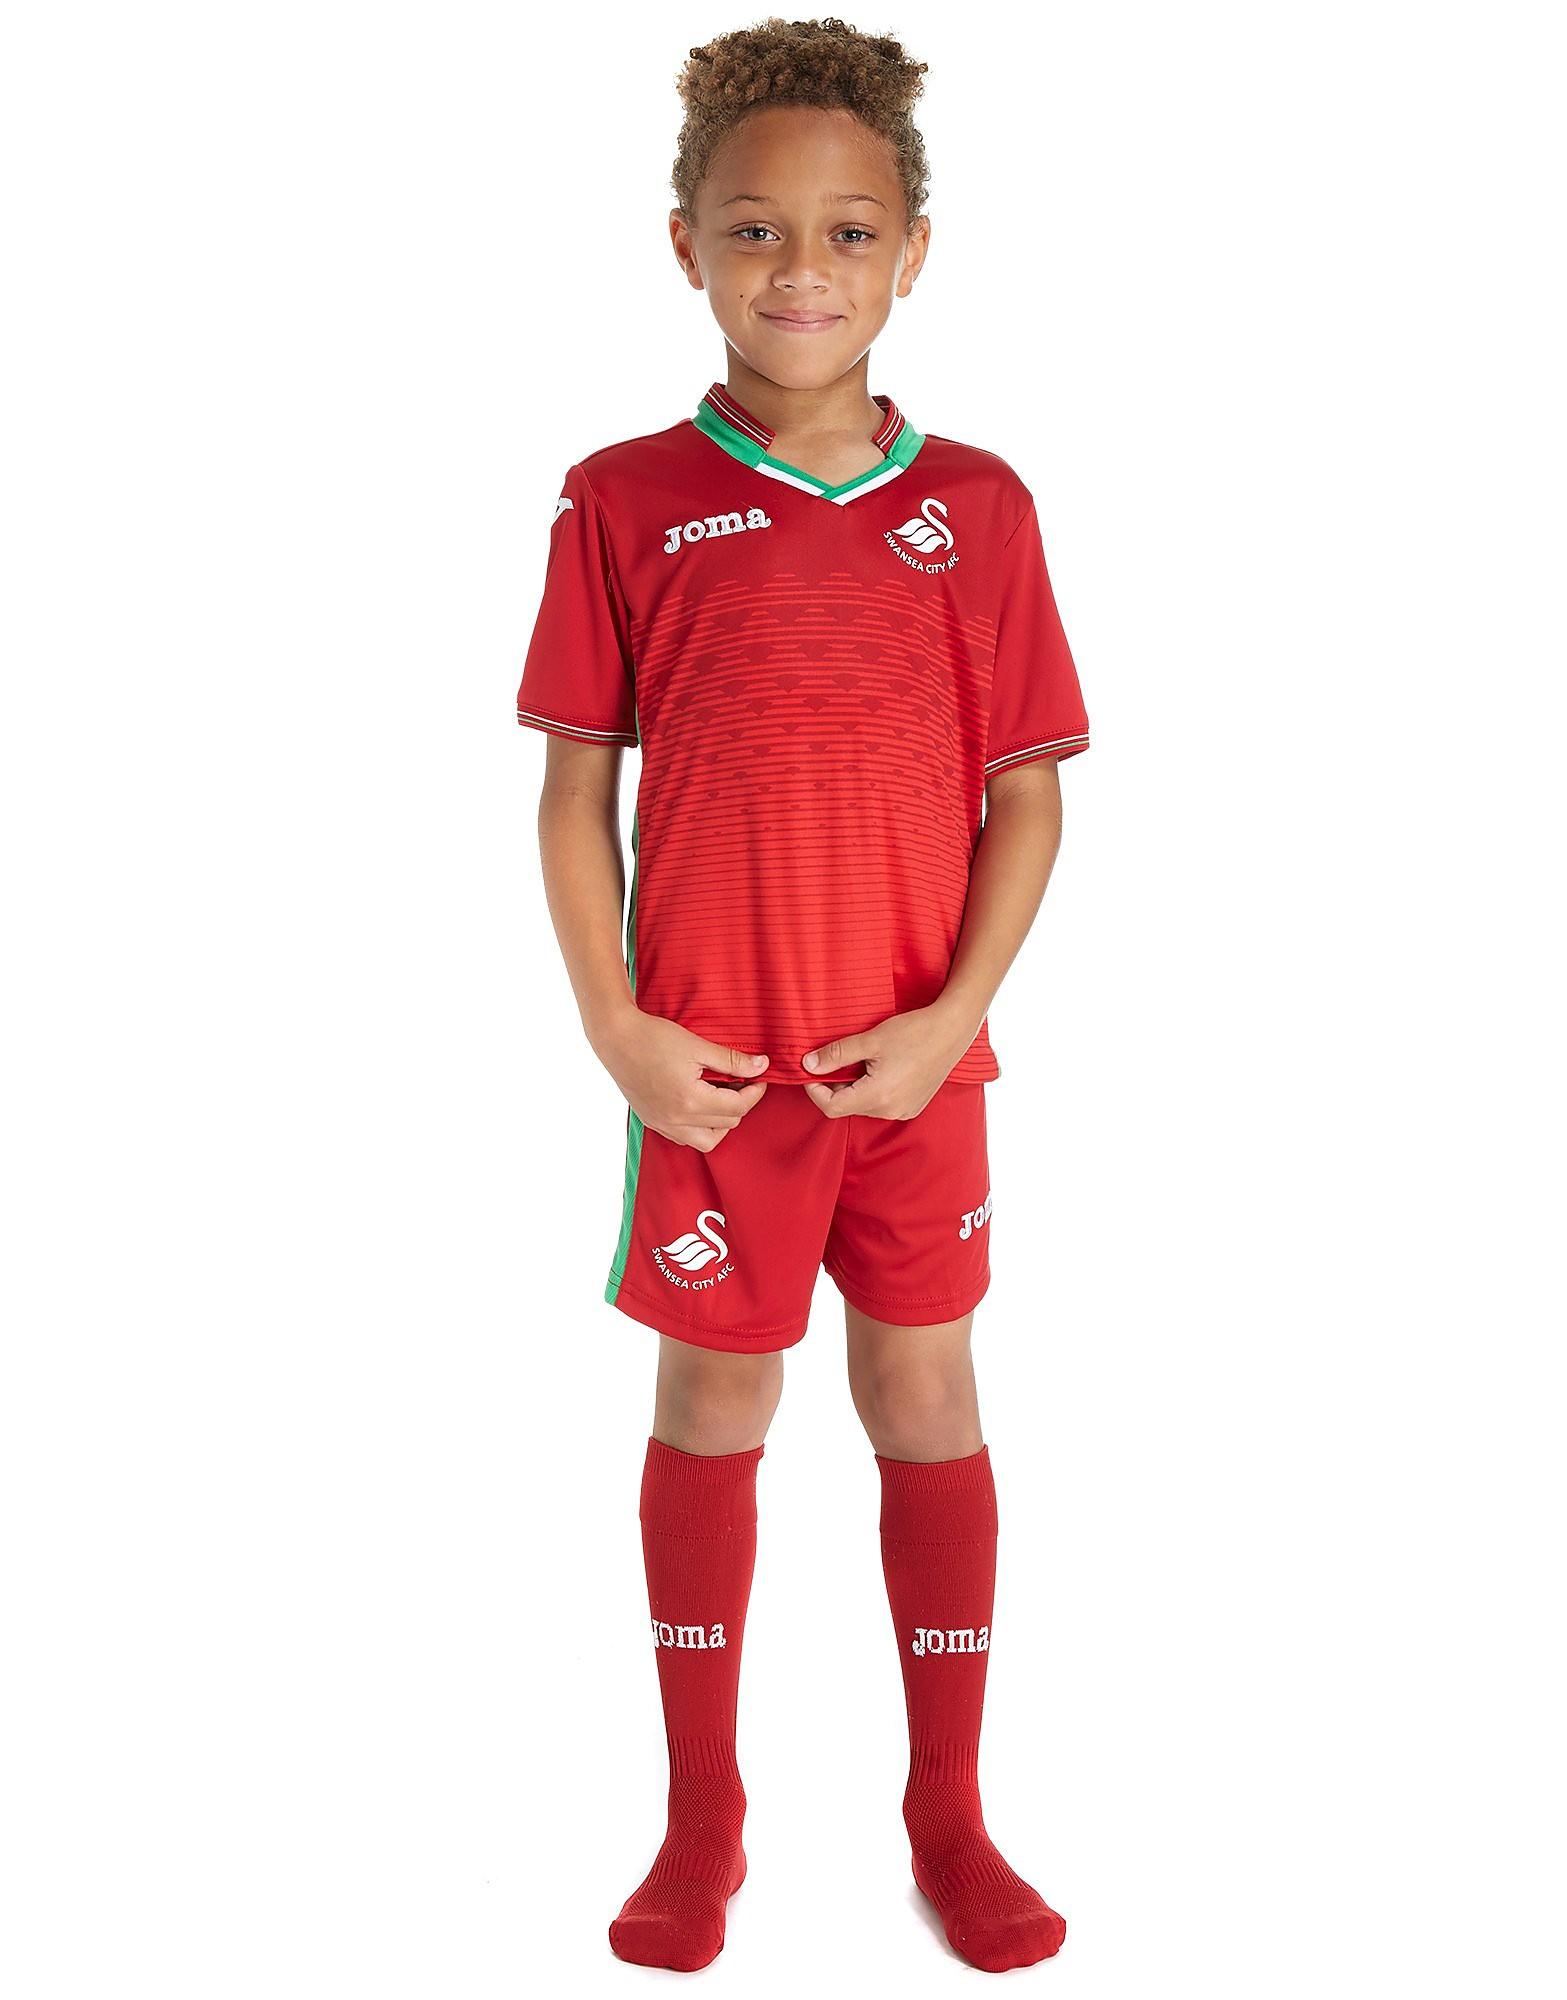 Joma Swansea City FC 2017/18 Away Mini Kit Children